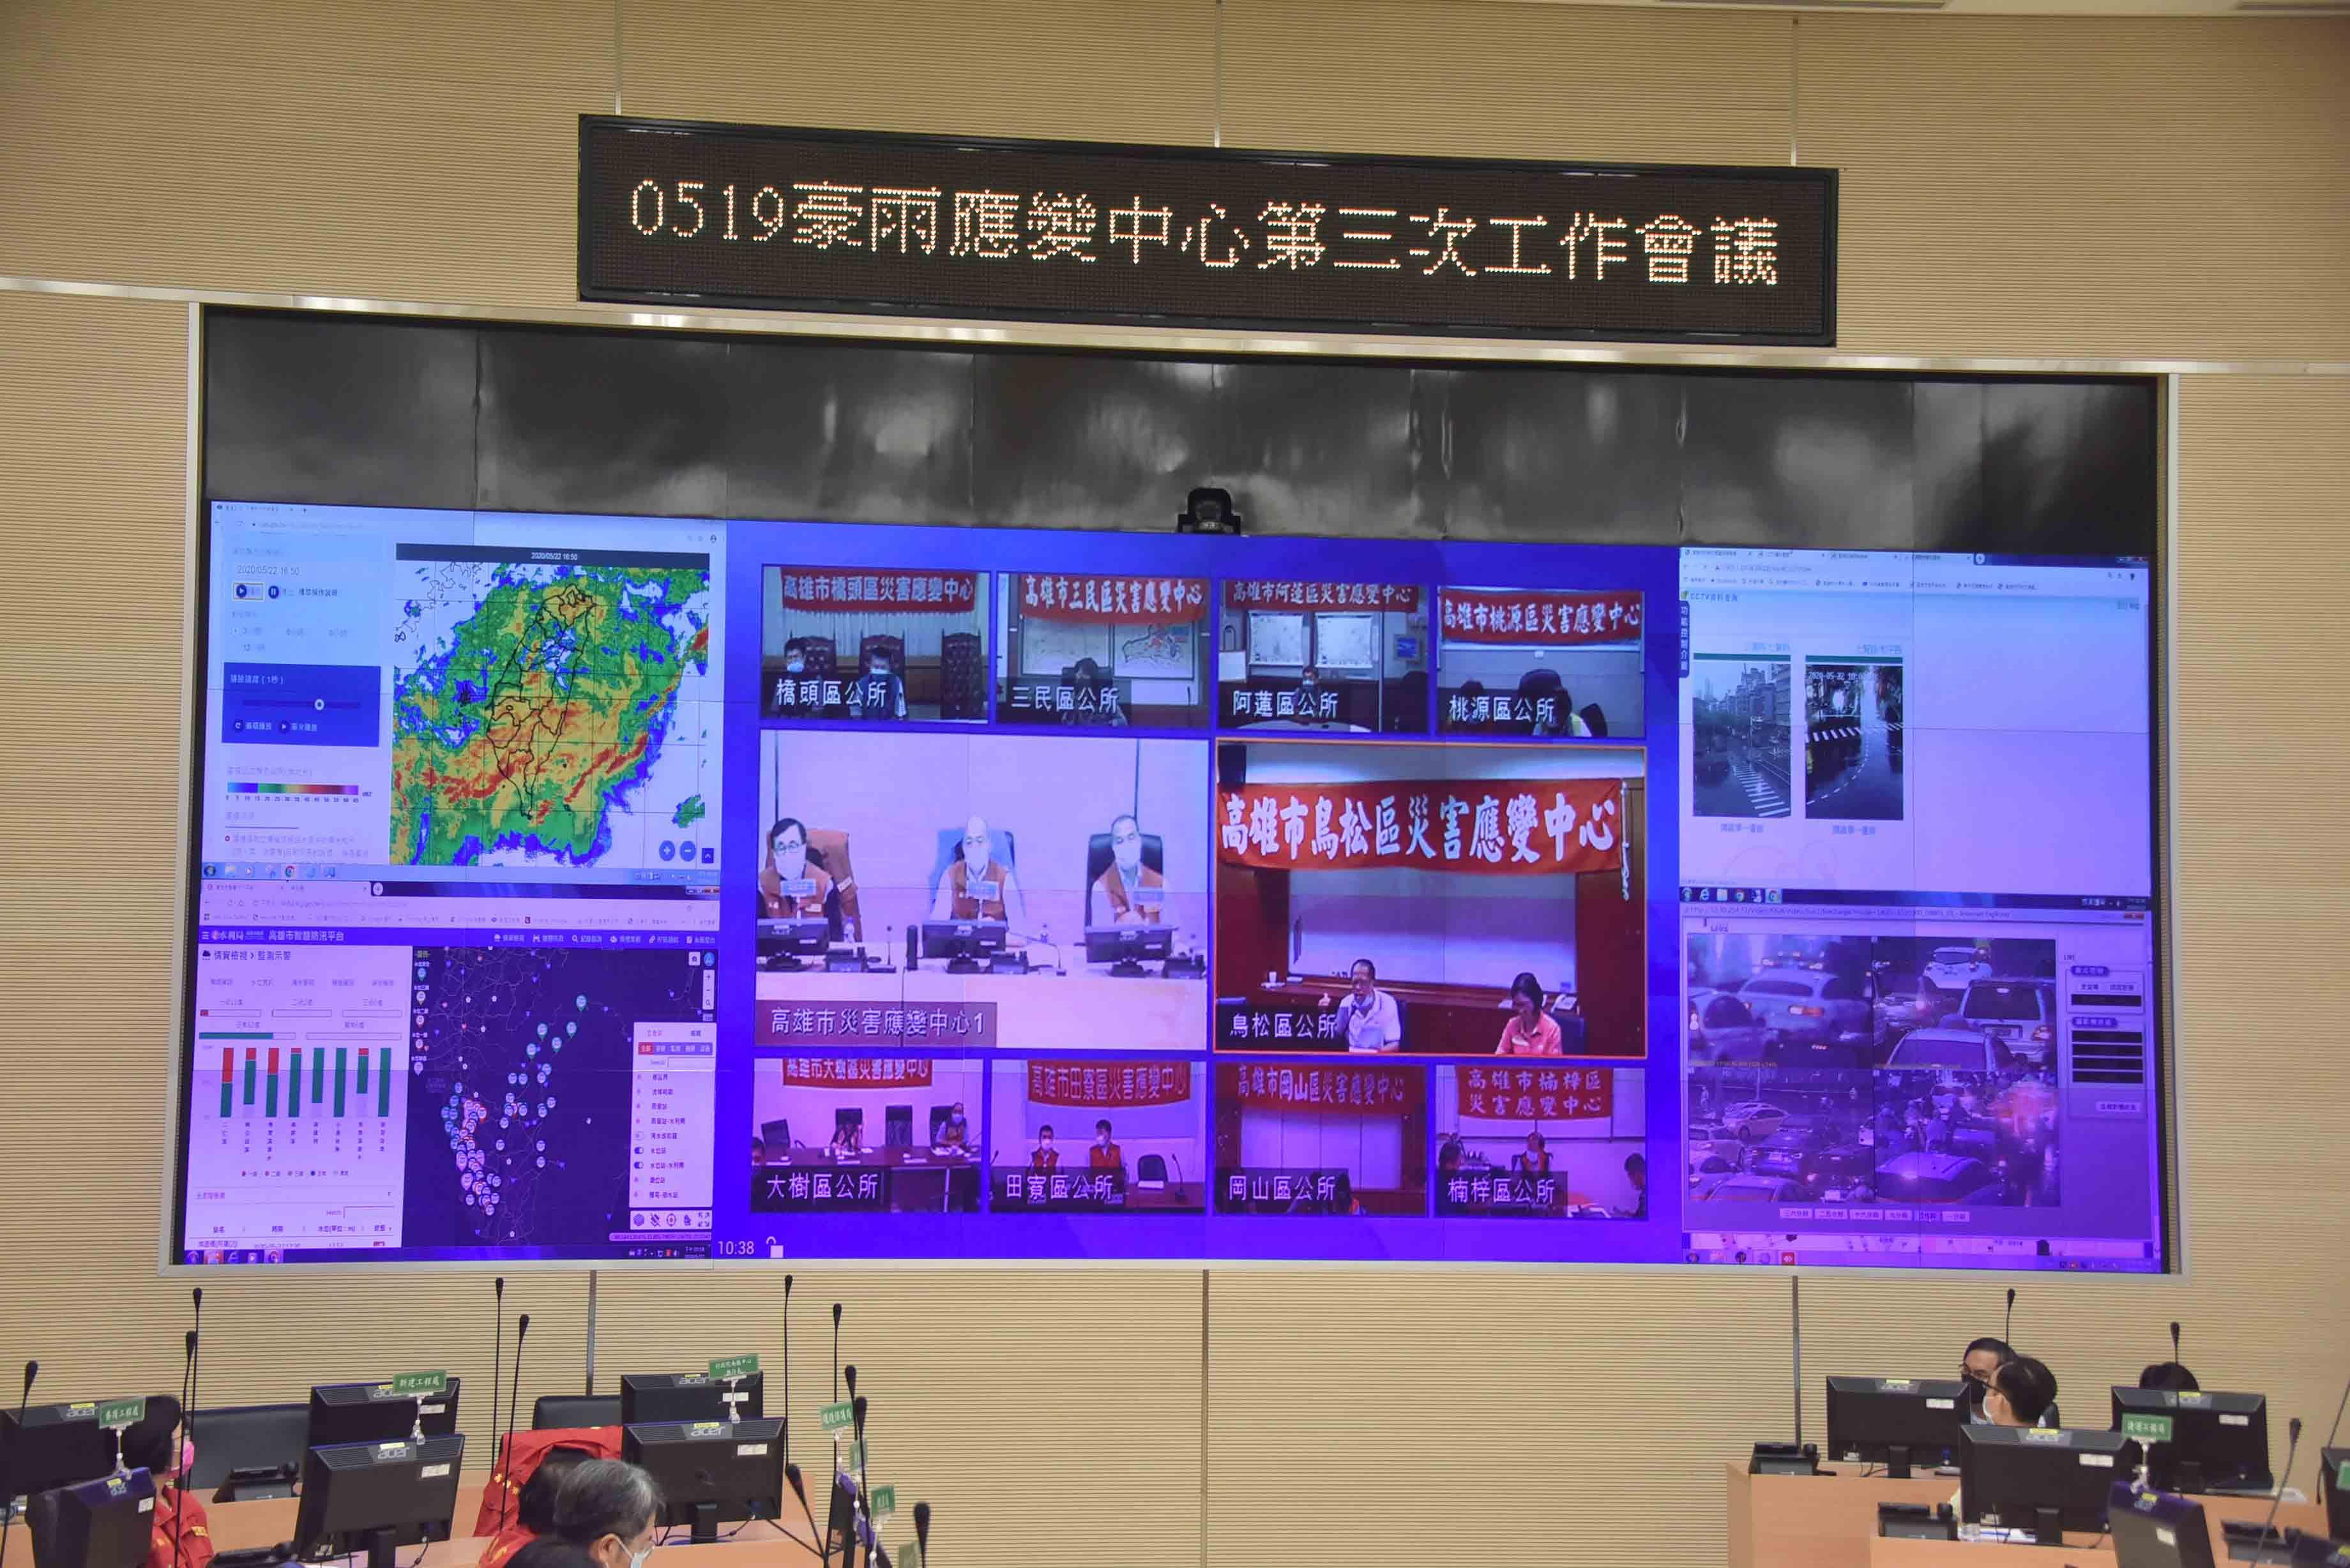 高市府豪雨應變一級開設 韓國瑜坐鎮憂山區豪雨驚人2.jpg